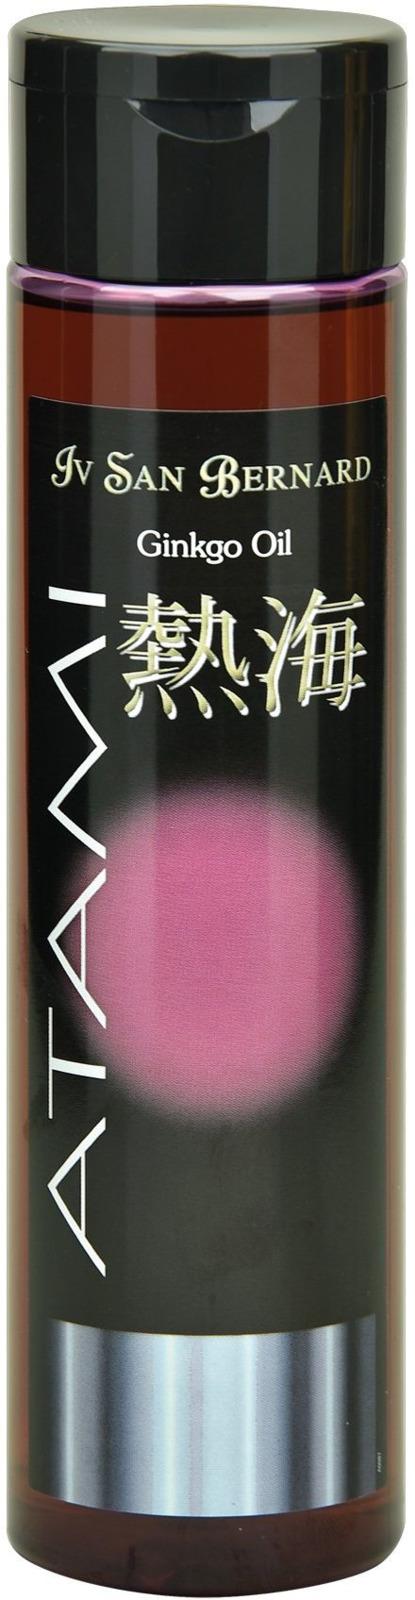 Экстракт-масло Iv San Bernard ISB Atami Гинко Билоба, восстановление и питание кожи и шерсти, 300 мл